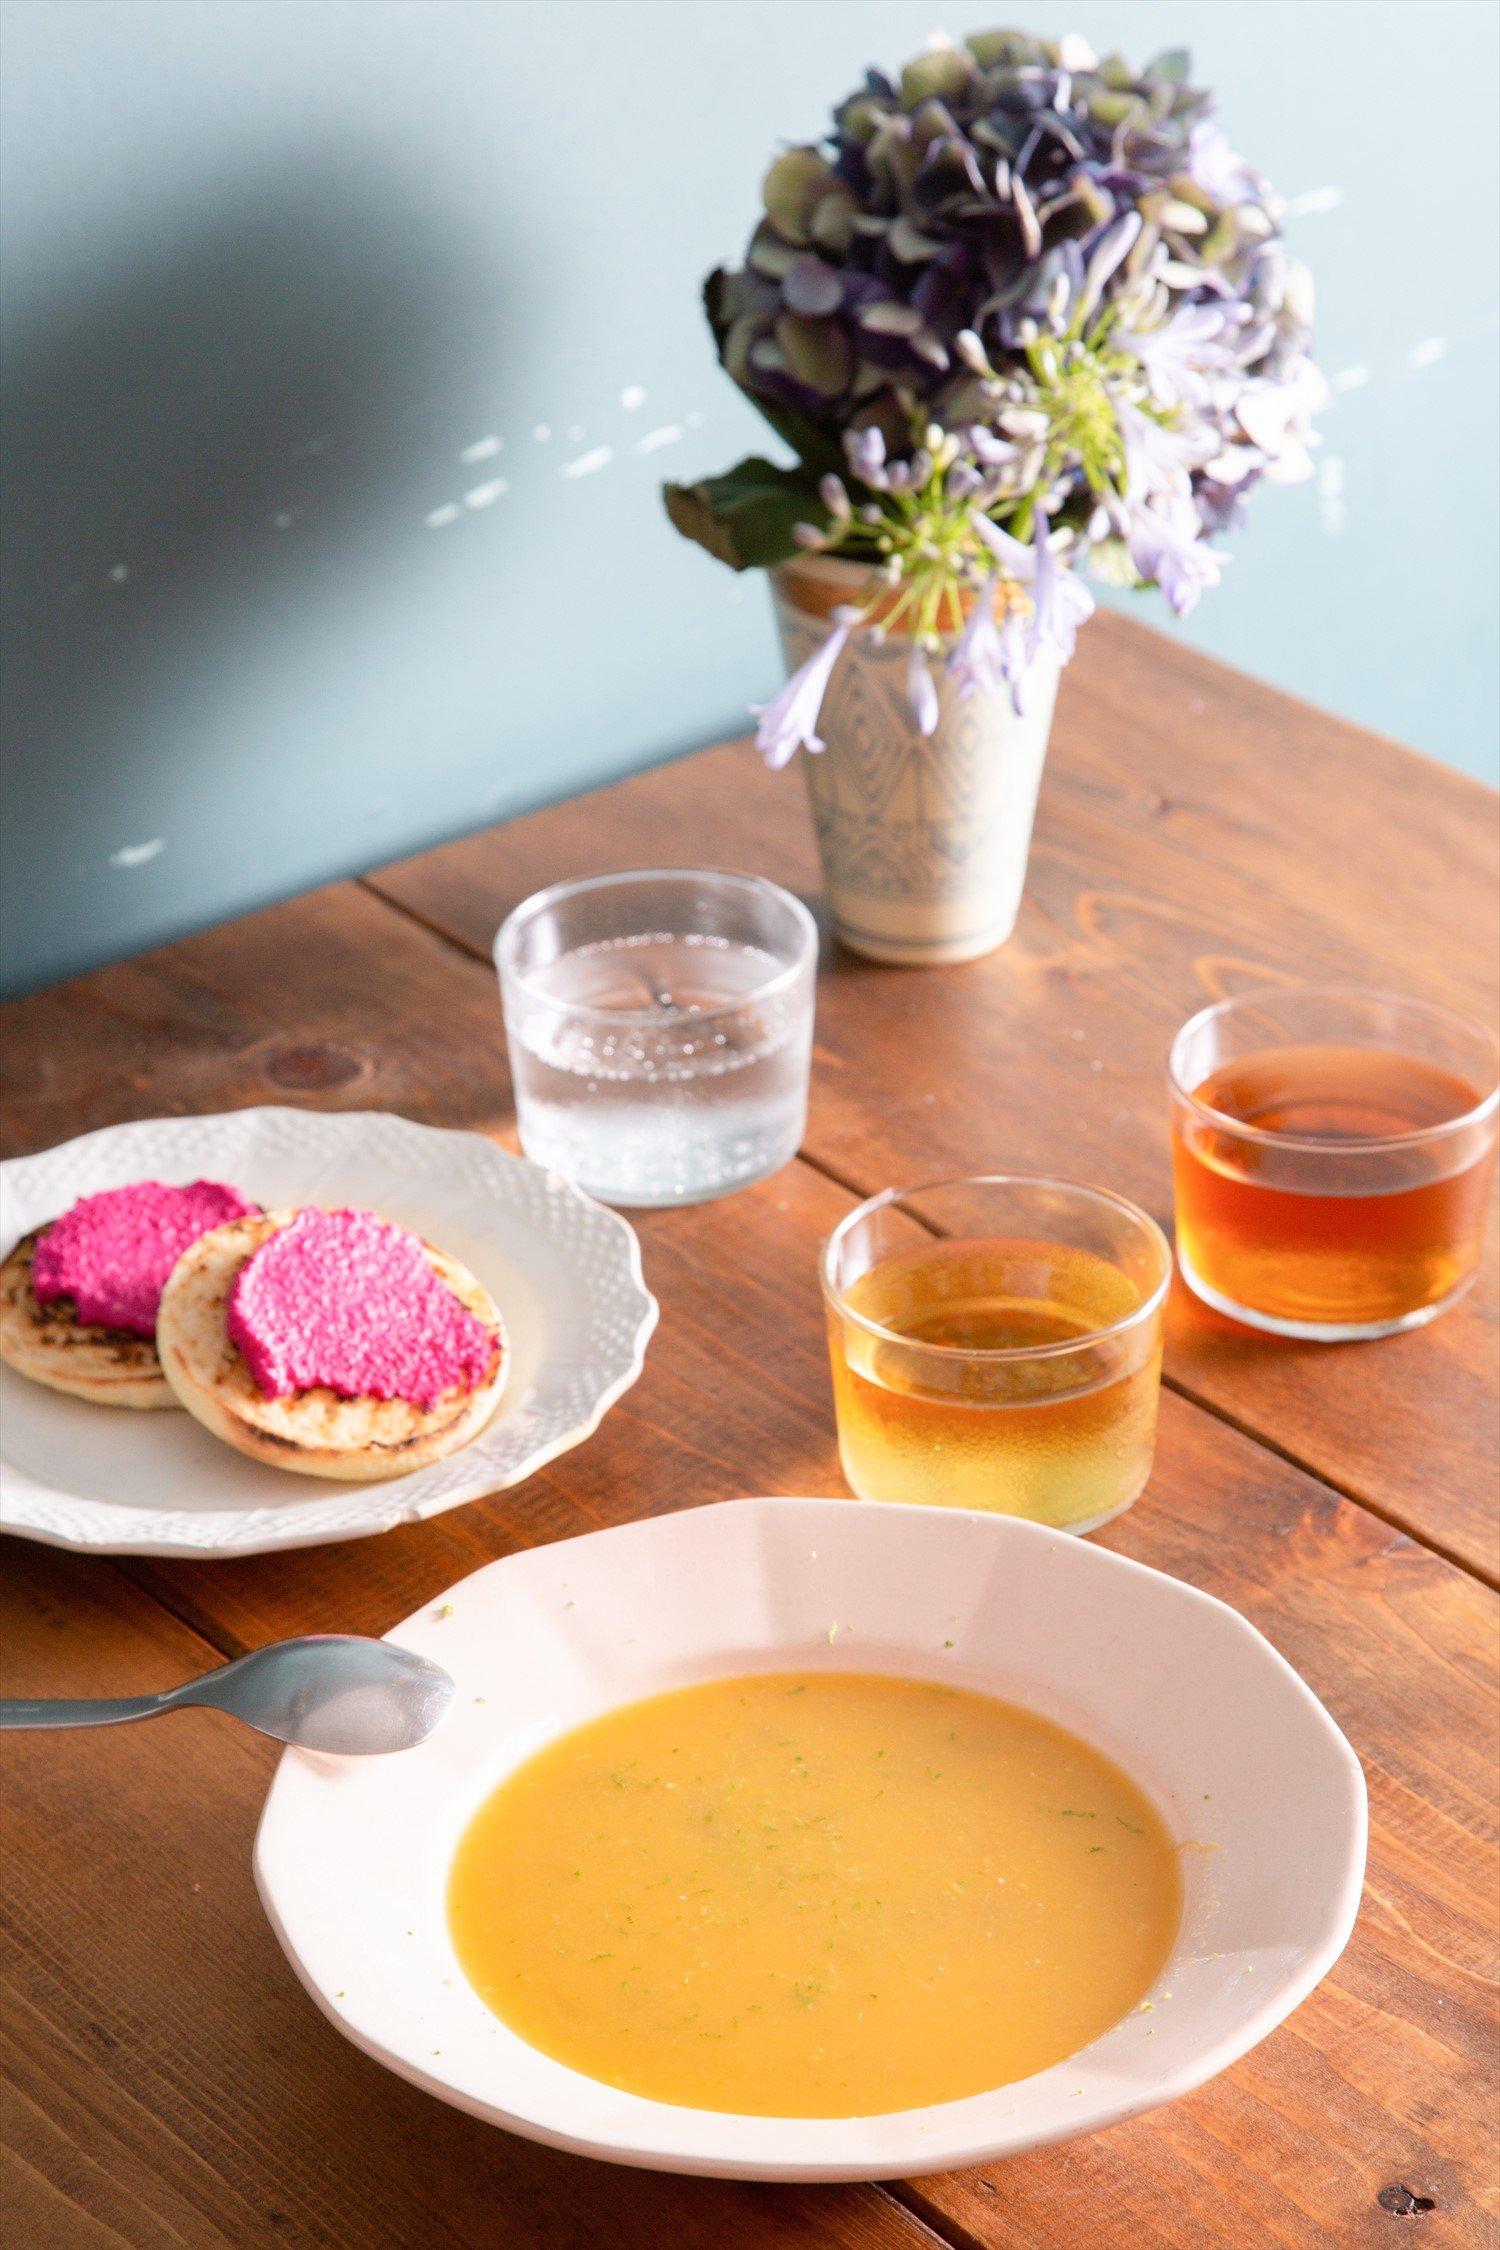 冷製オレンジとルバーブのスープ、鮮やかなピンクのビーツクリームパン。